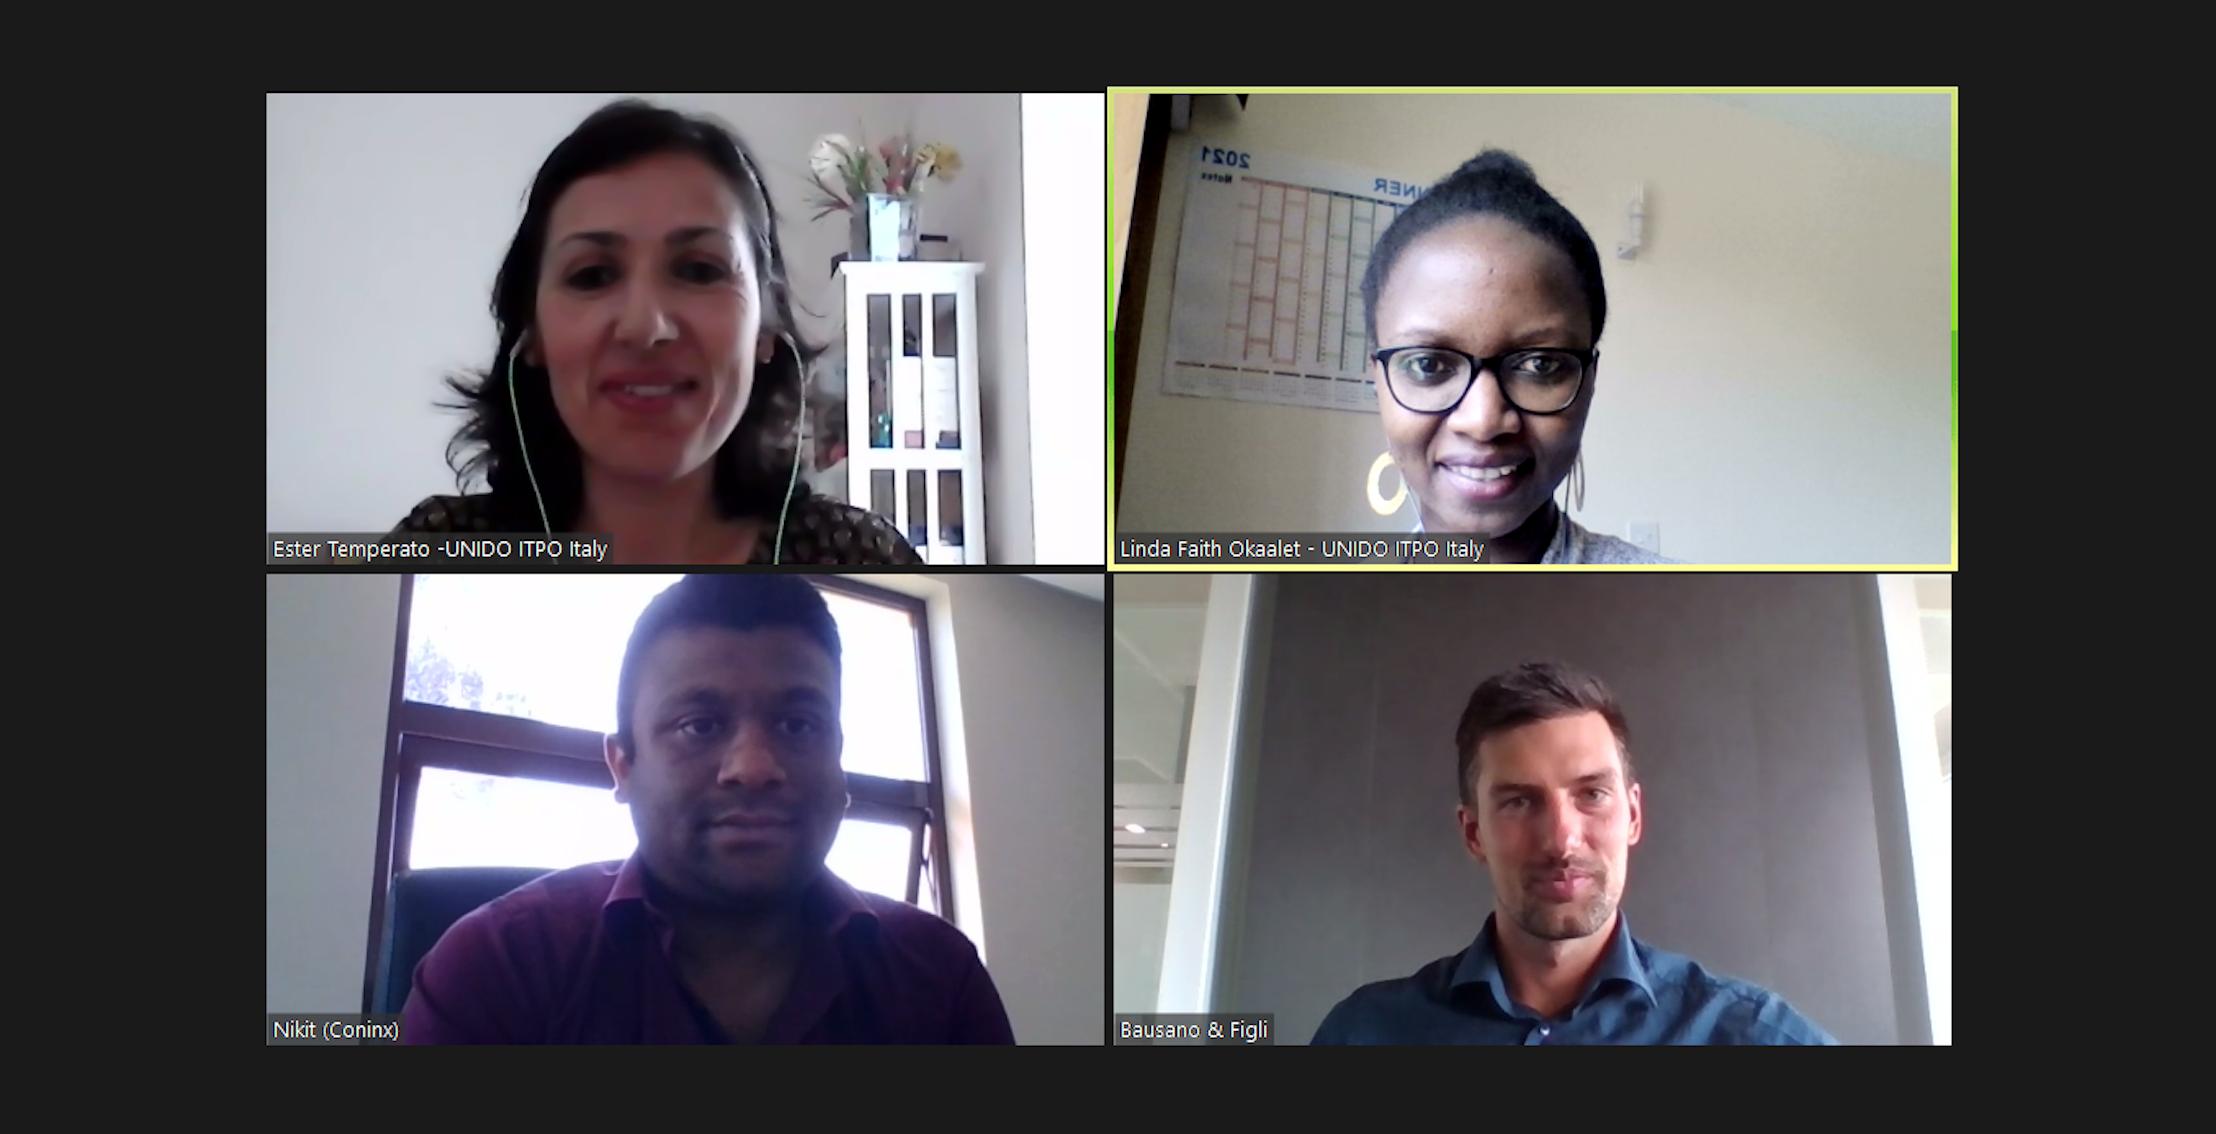 Kenya: incontro di matchmaking con Coninx Ltd e Bausano & Figli